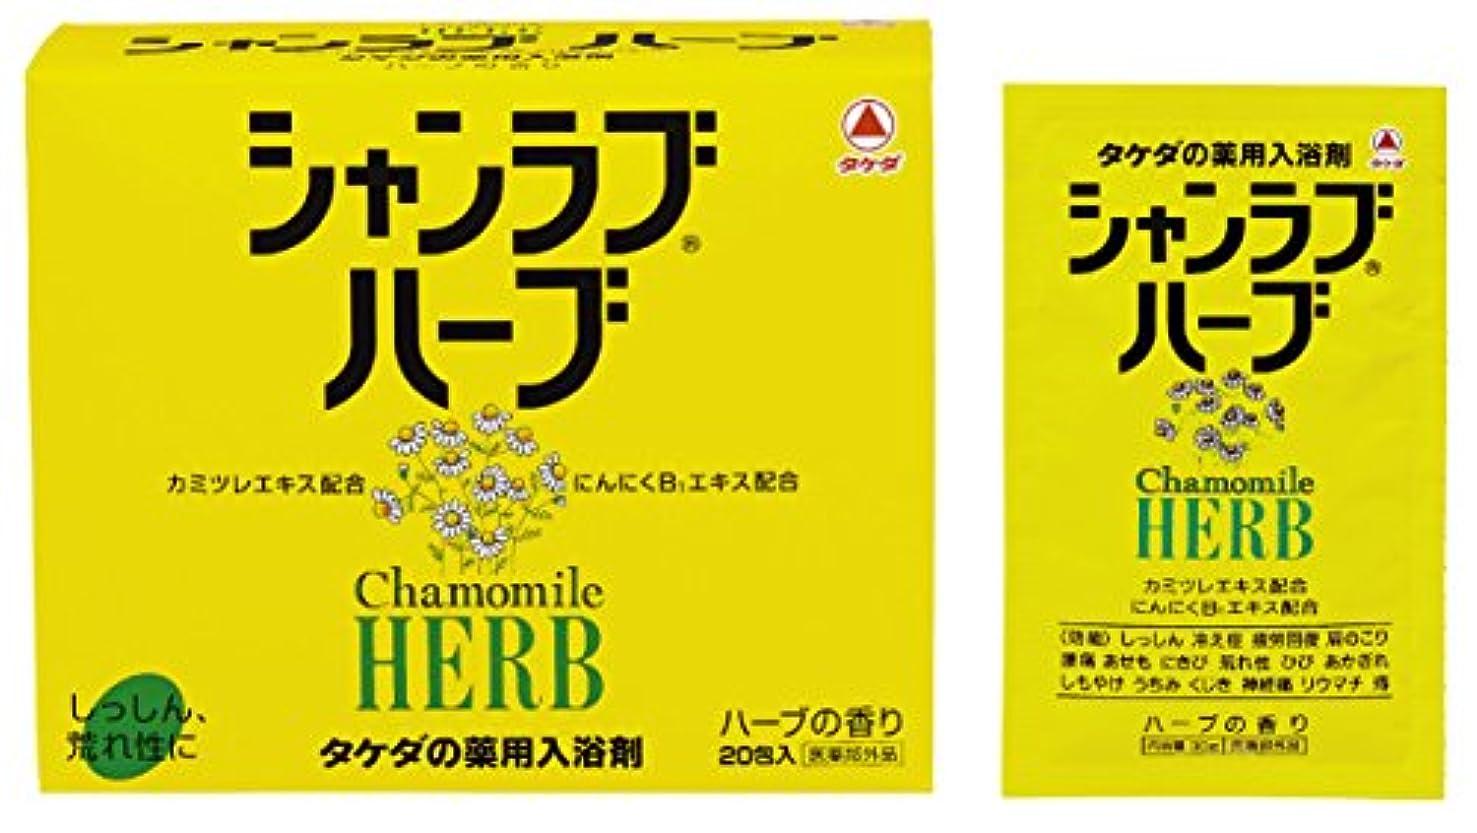 廃止取り戻す持続する武田コンシューマーヘルスケア シャンラブ ハーブ 20包